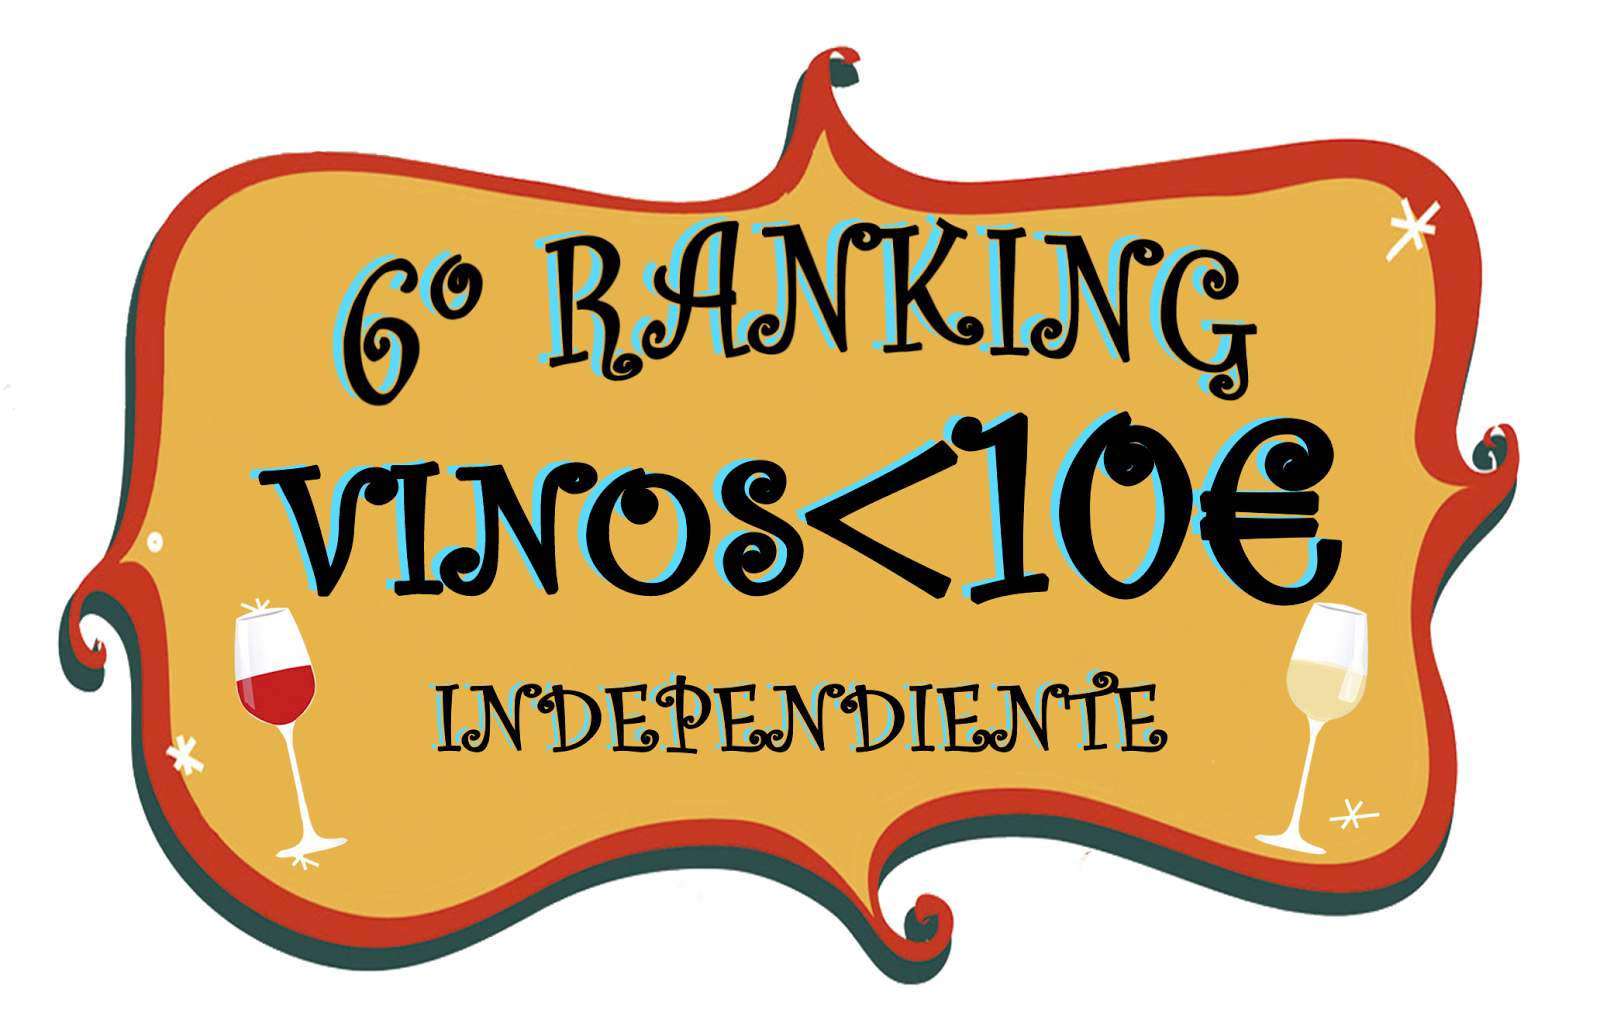 Bases del Ranking 2015 de Vinos -10 euros